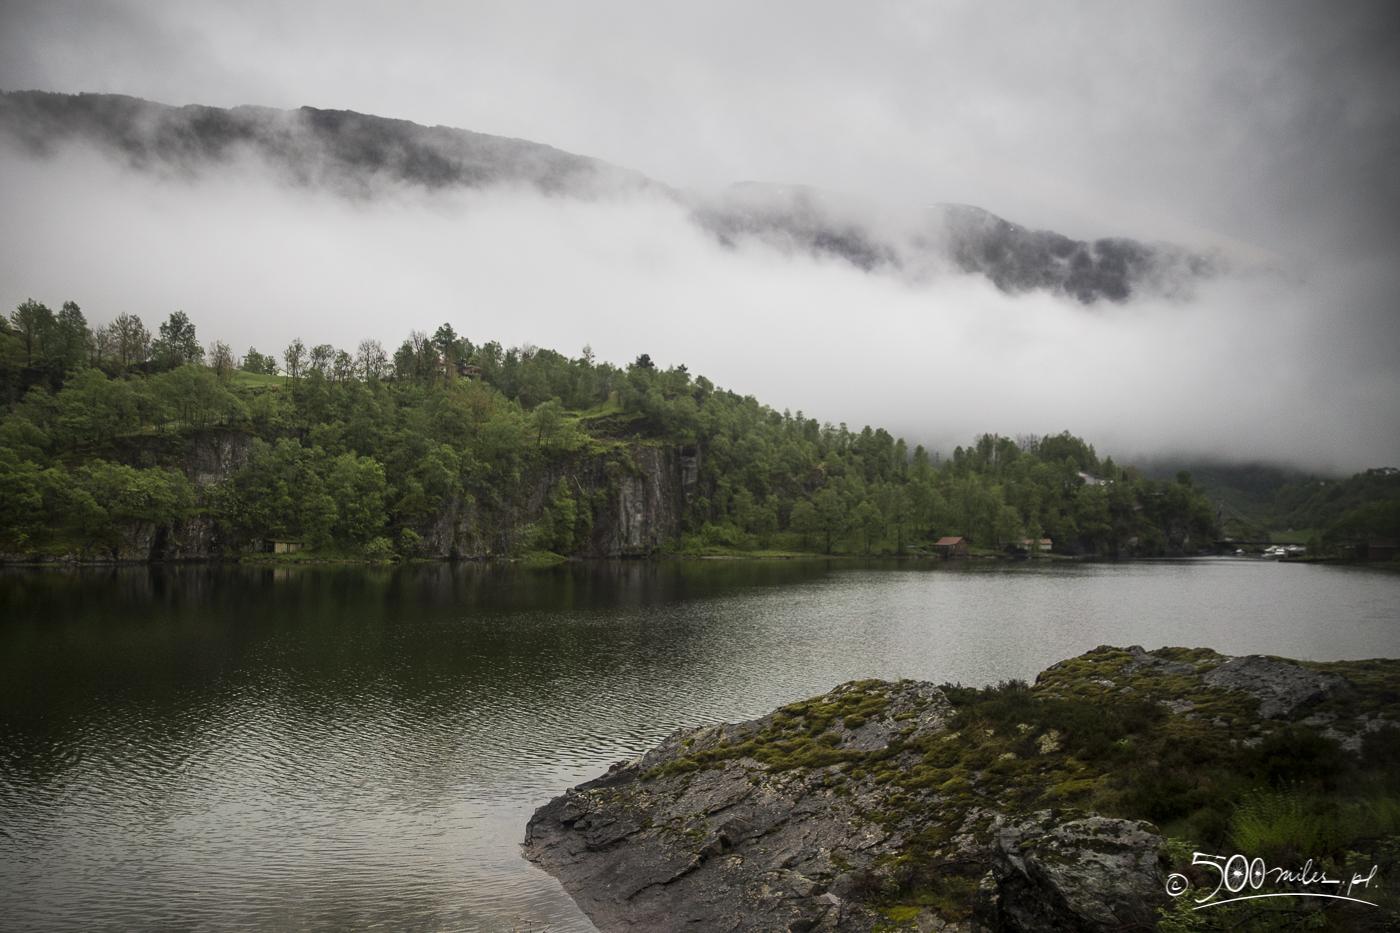 Oslo-Bergen train ride - foggy landscape